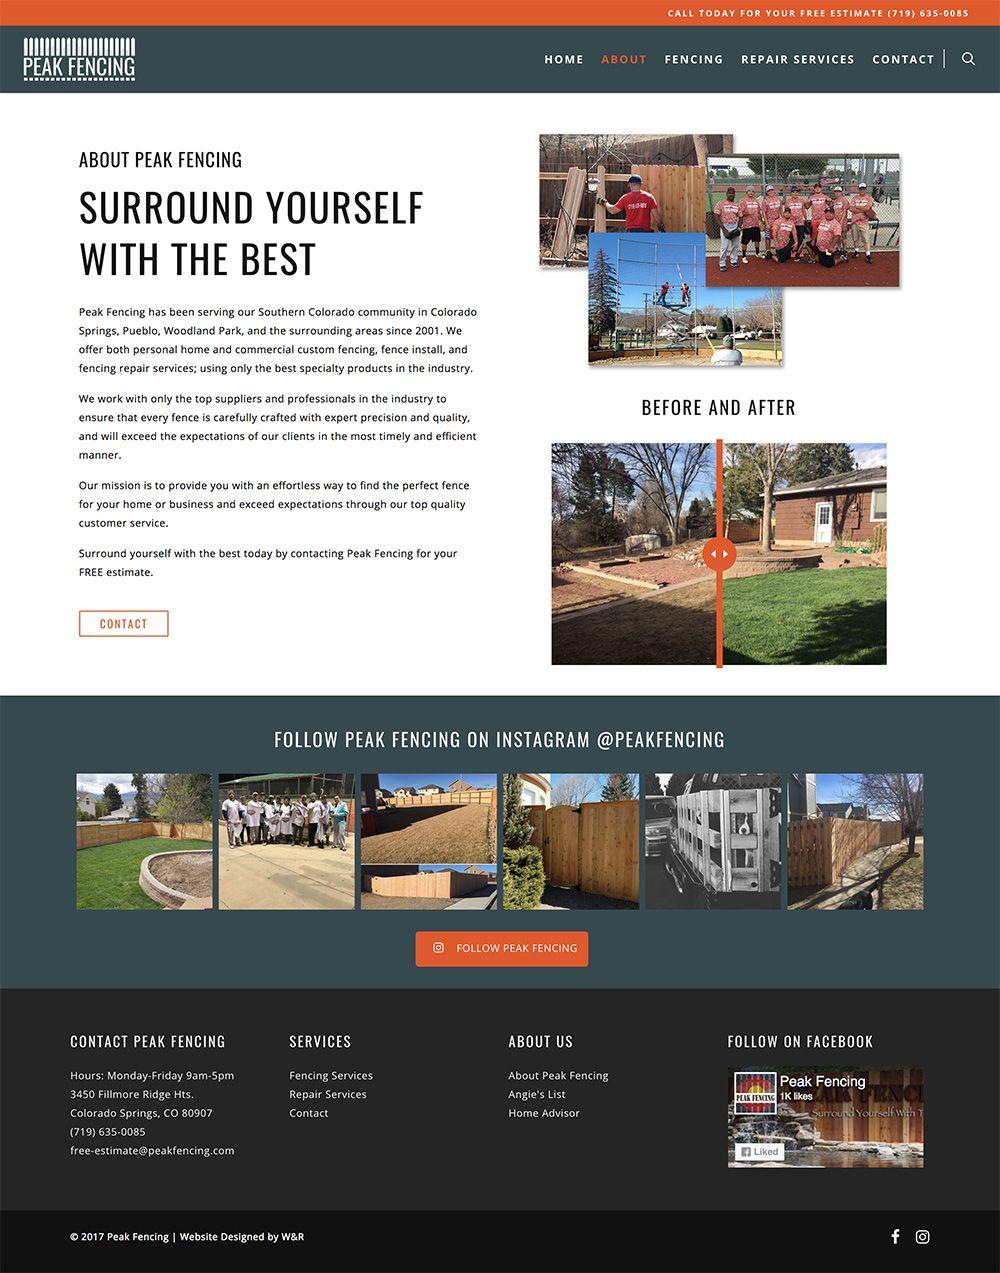 Peak Fencing Complete Branding Website Design Packages Branding Website Design Website Design Custom Website Design